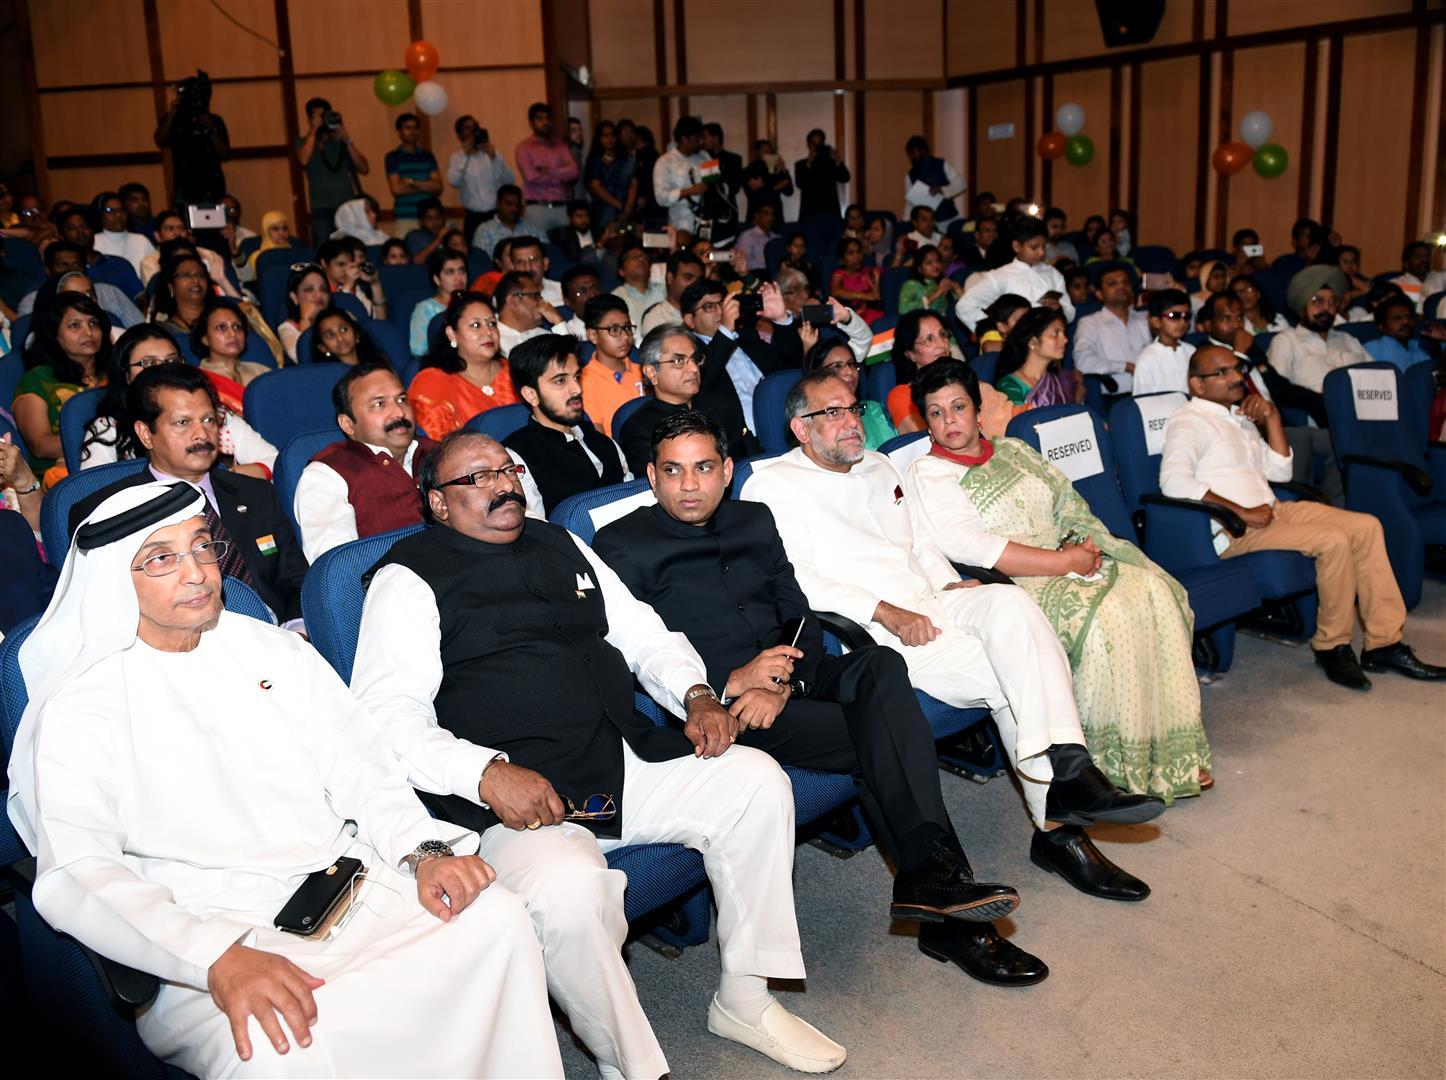 إحتفالات السفارة الهنديه بأبوظبي 15-8-2017 DSC_1129.JPG 5 /Large/